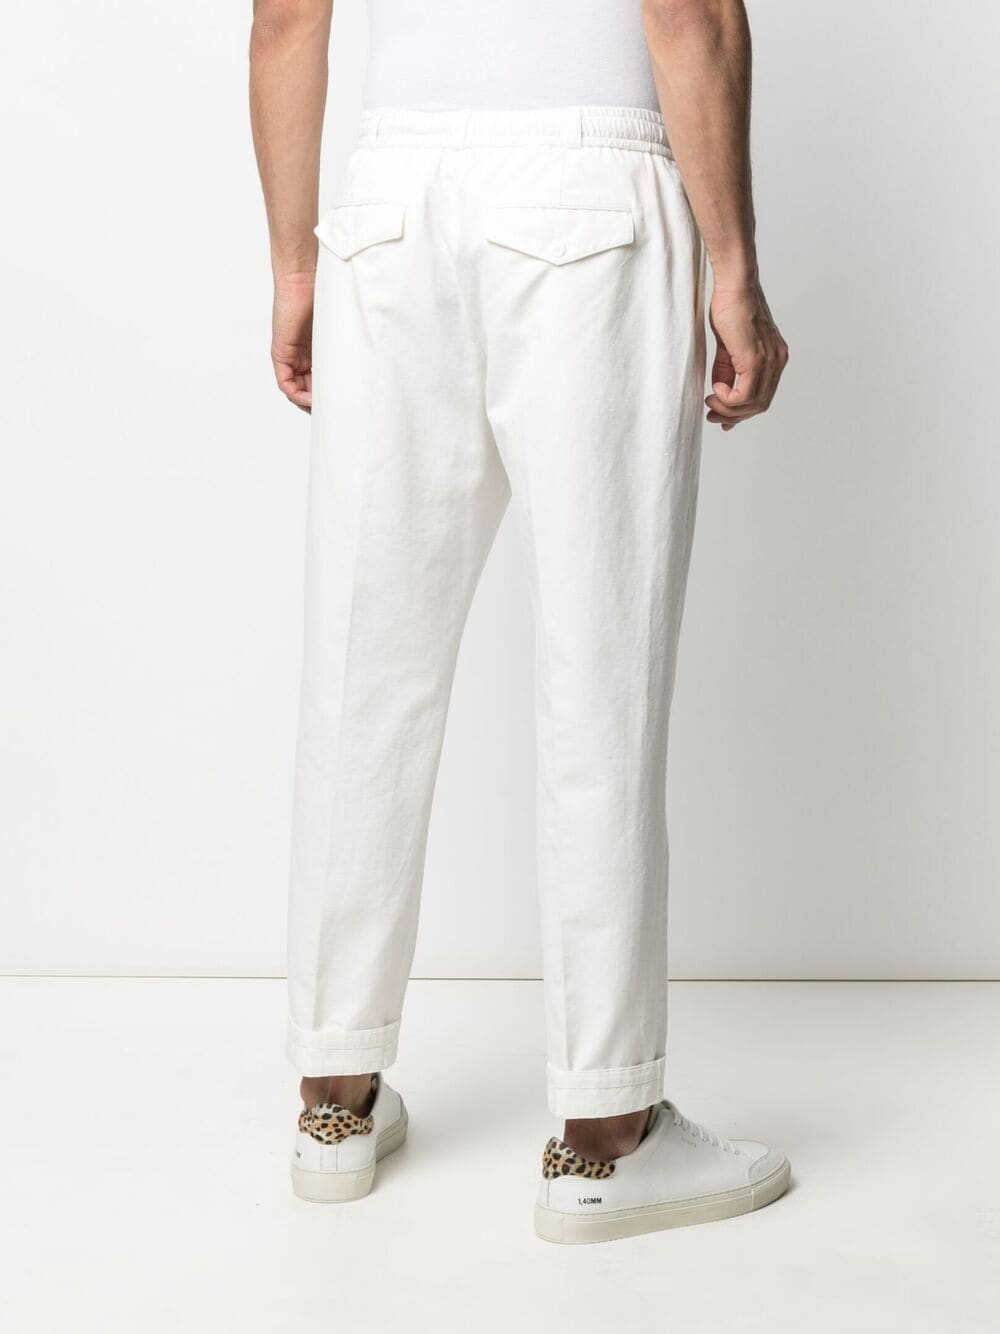 Pantaloni bianchi in cotone e lino a gamba dritta con risvolto PT01 | Pantaloni | CORLRBB00REW-BP310010